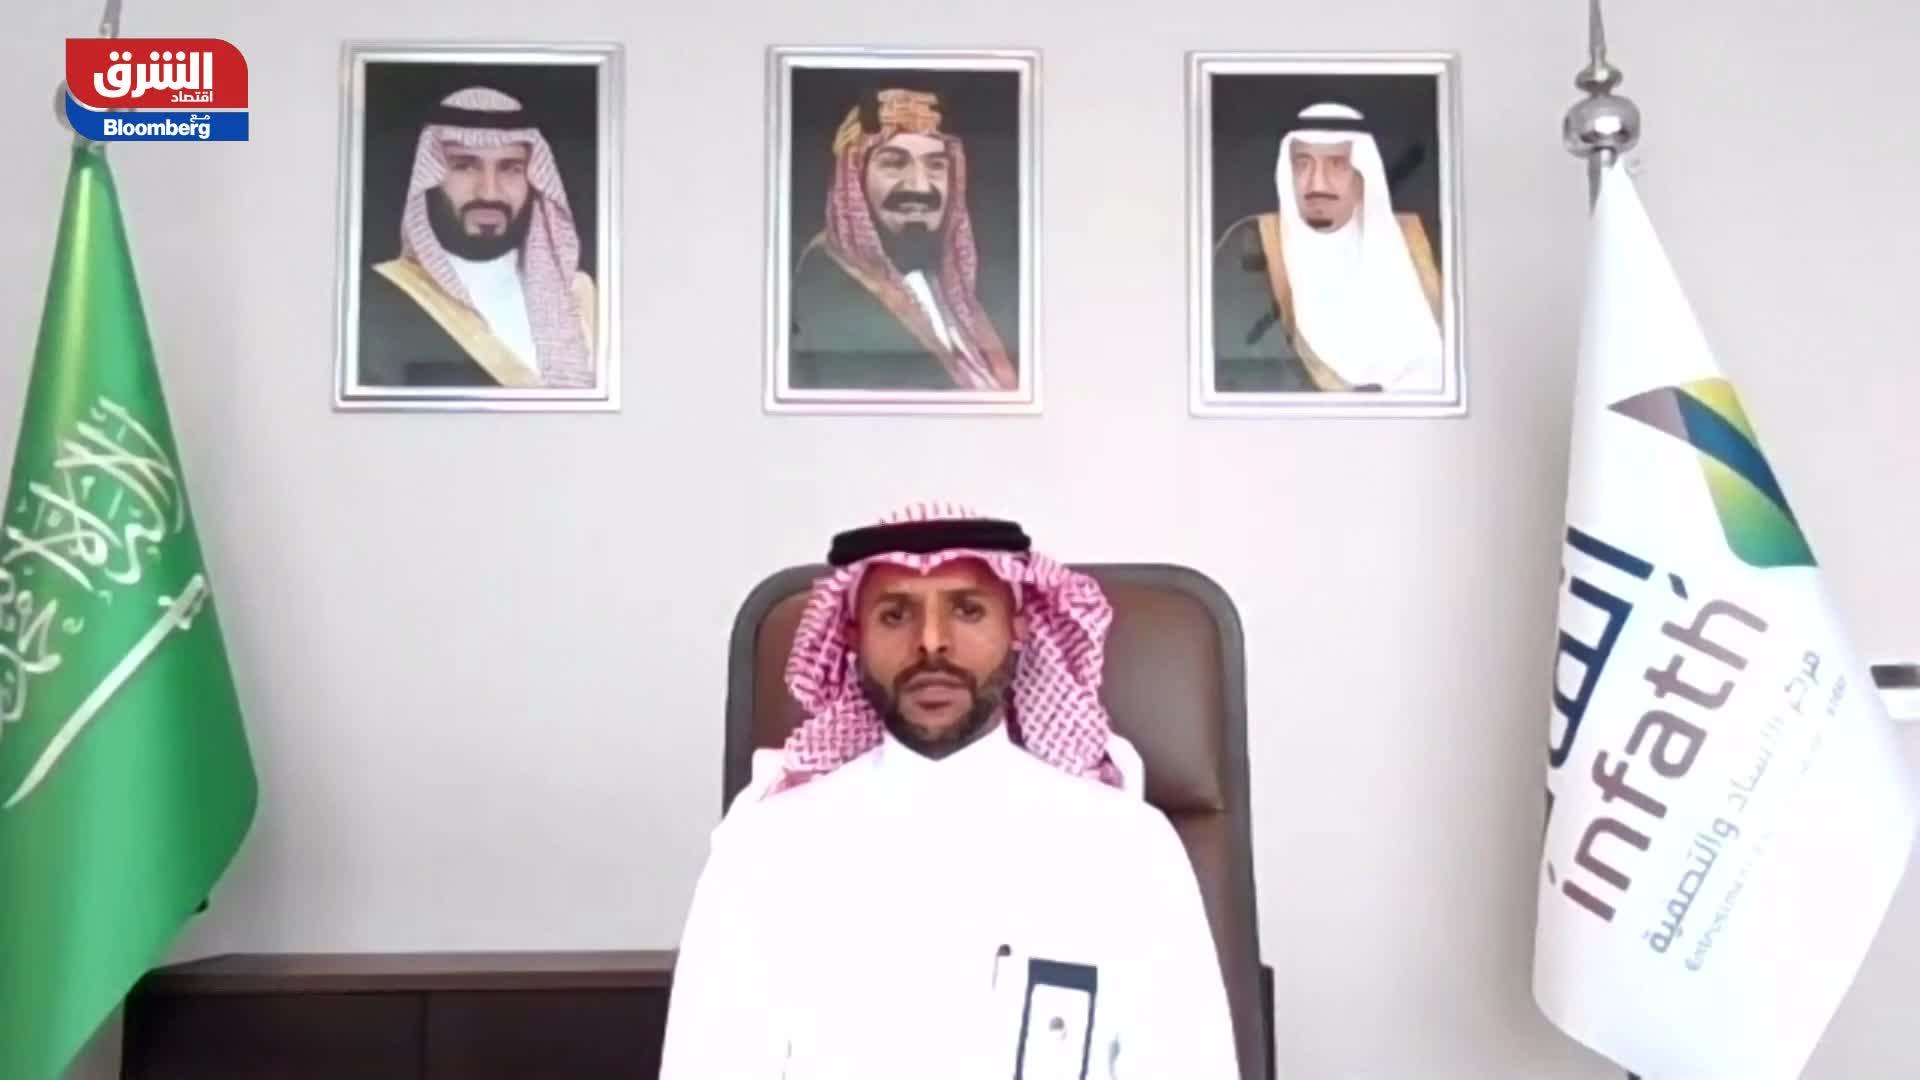 """كم عدد المزادات التي أقامها مركز """"إنفاذ"""" في السعودية منذ انطلاق أعماله؟"""